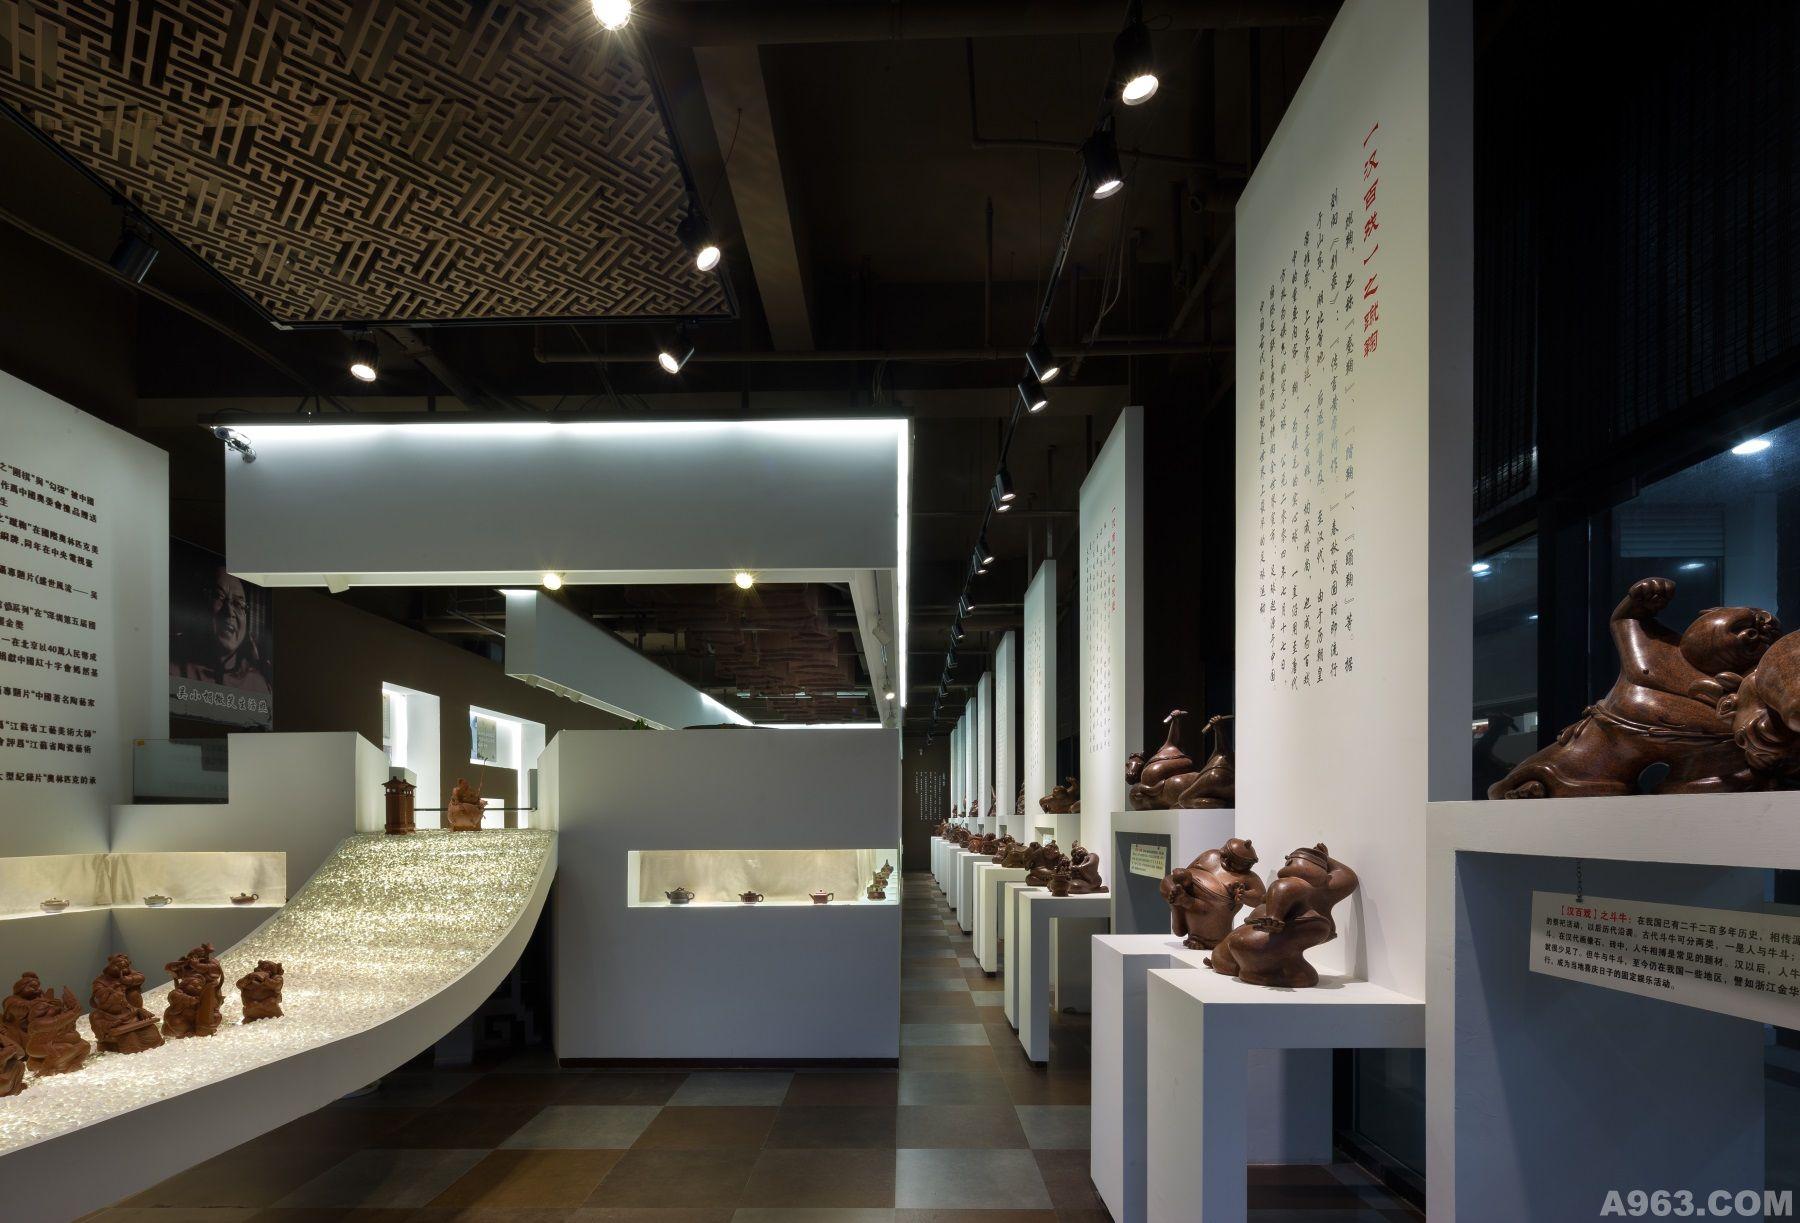 浪石陶艺美术馆 - 文化空间 - 第2页 - 万浮尘设计